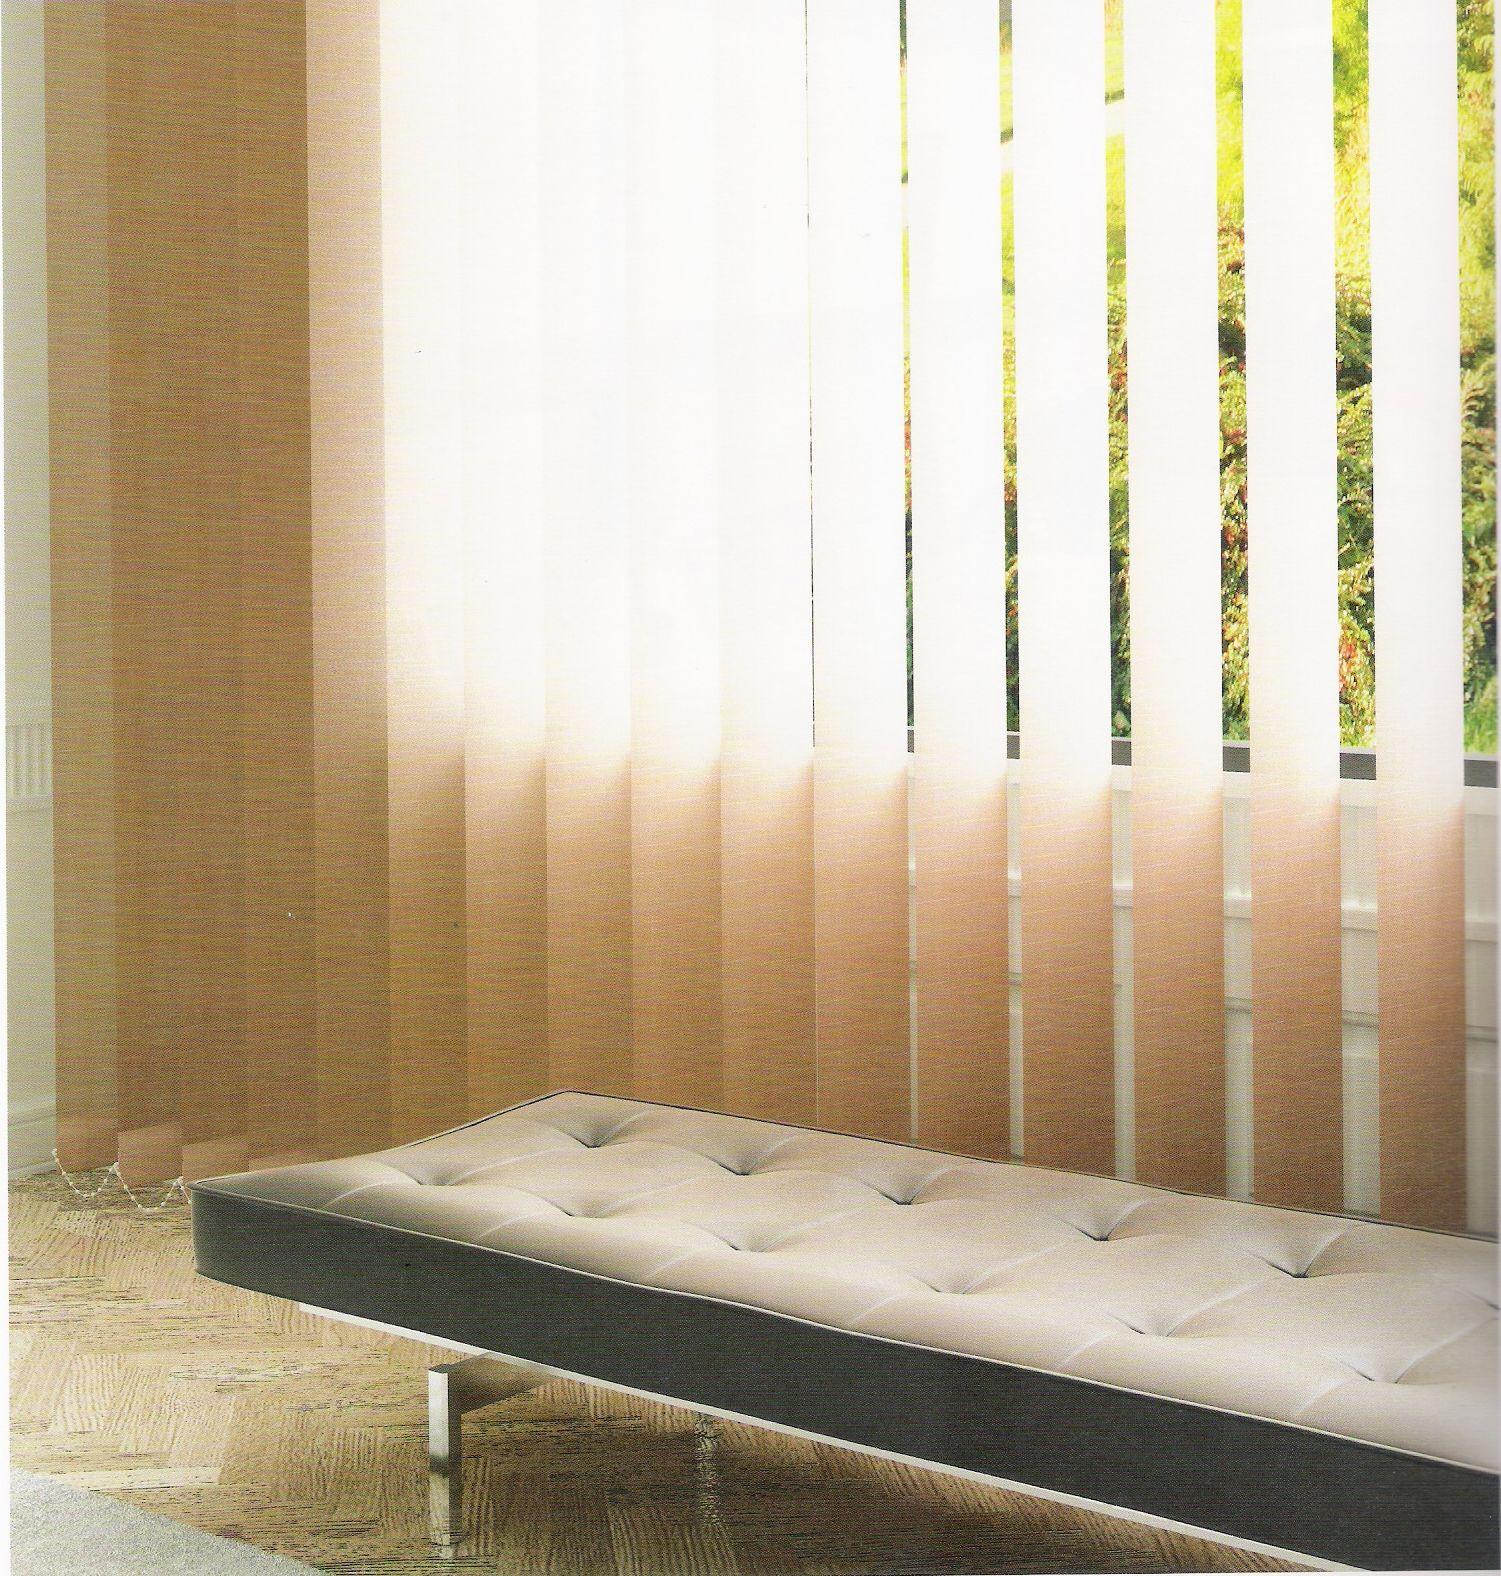 Cortinas verticales productos y servicios de ventanas y persianas persiplast - Persianas de ventanas ...